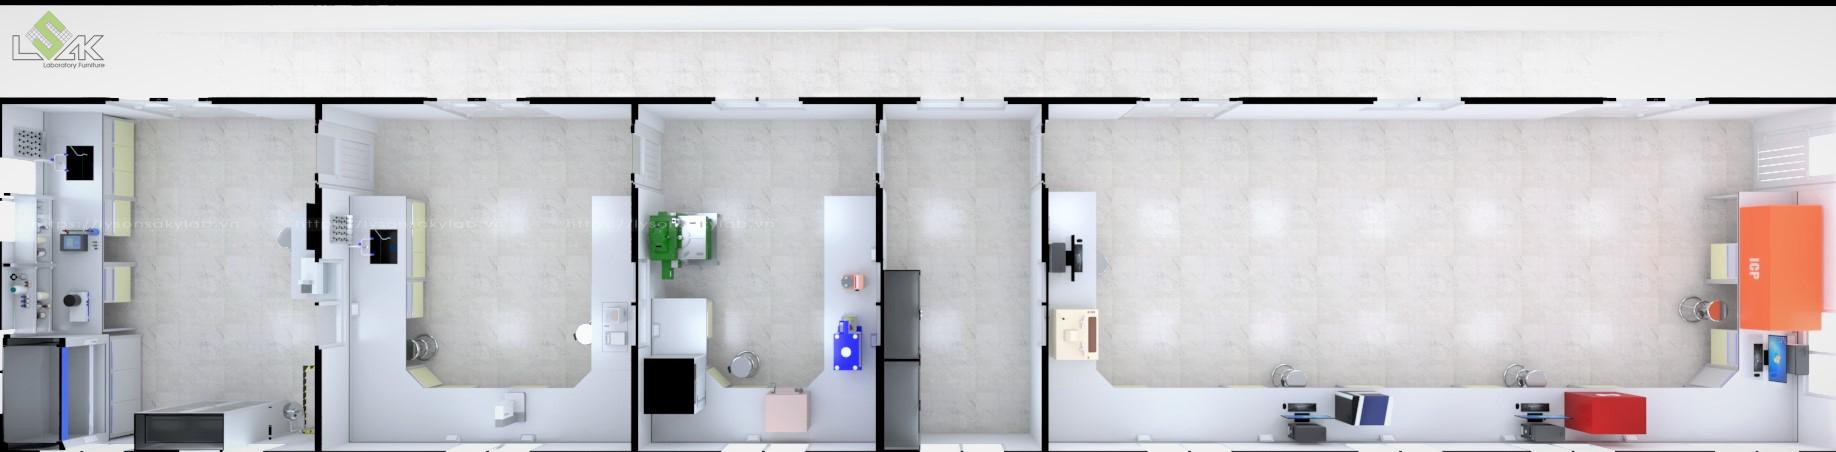 Phối cảnh bố trí mặt bằng nội thất thiết bị phòng thí nghiệm nhà máy khai thác khoáng sản